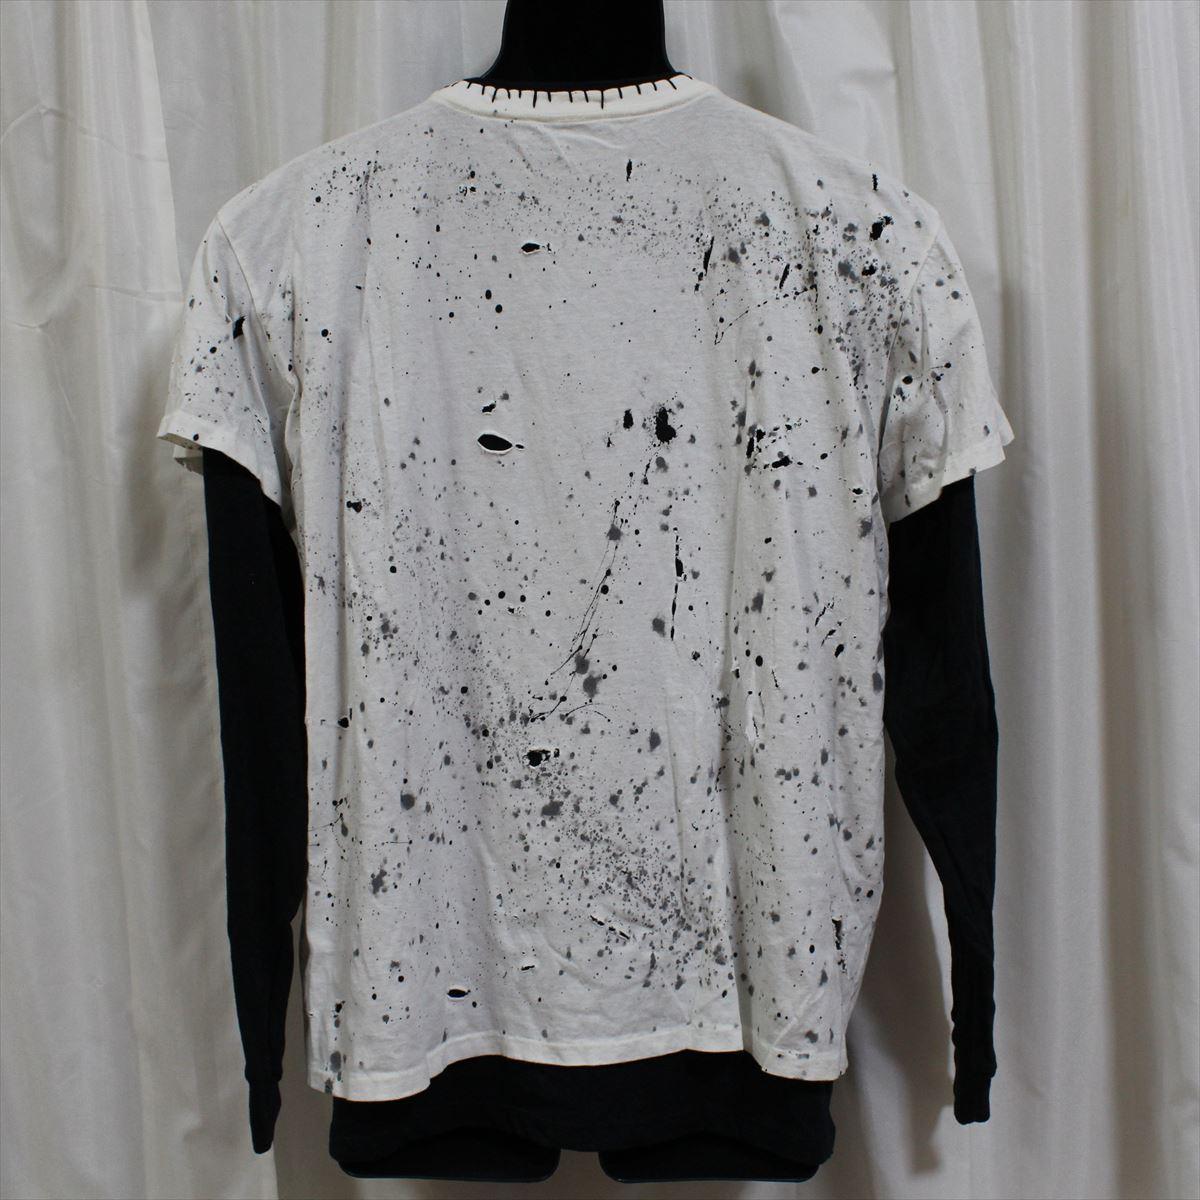 アイコニック ICONIC COUTURE ローリングストーンズ ベロT Mサイズ メンズ長袖Tシャツ THE ROLLING STONES 新品_画像4